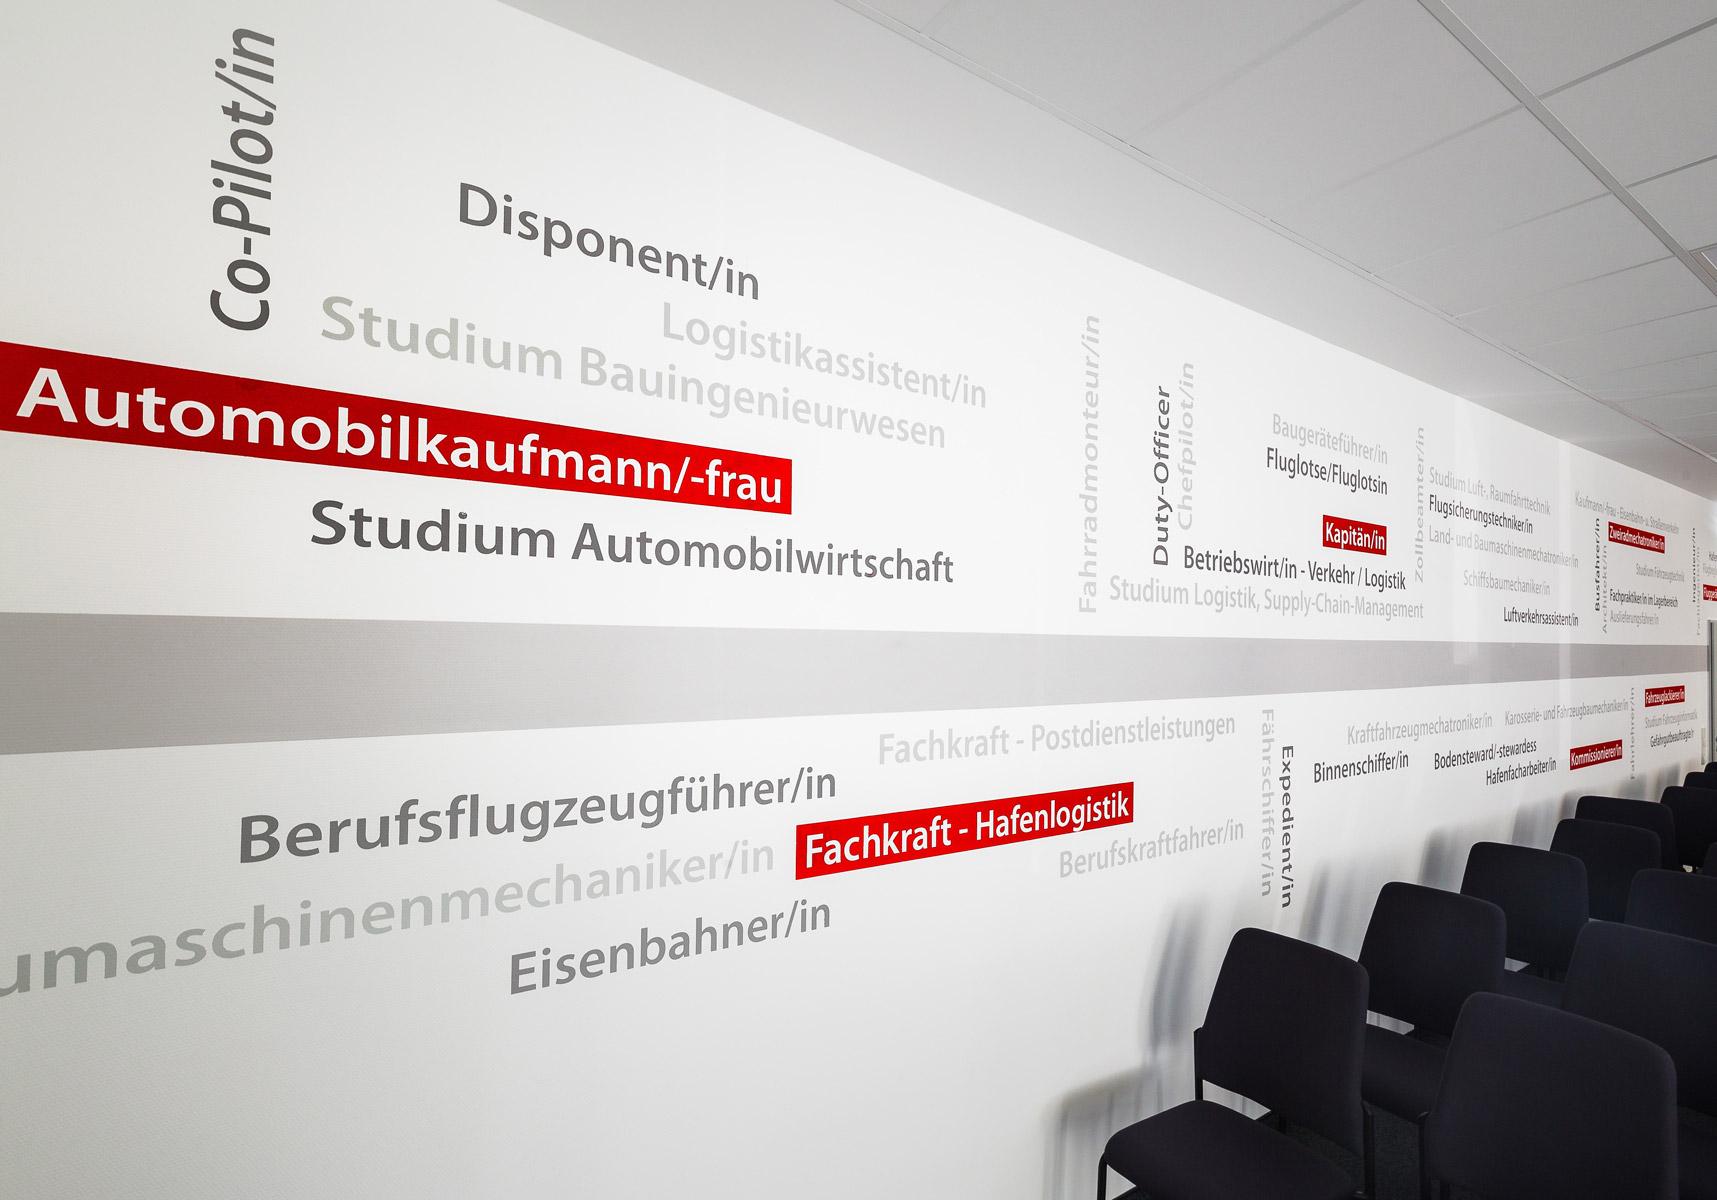 Agentur-für-Arbeit-Main-Biz-Erlebniswelt-Frankfurt-1717-1200_233